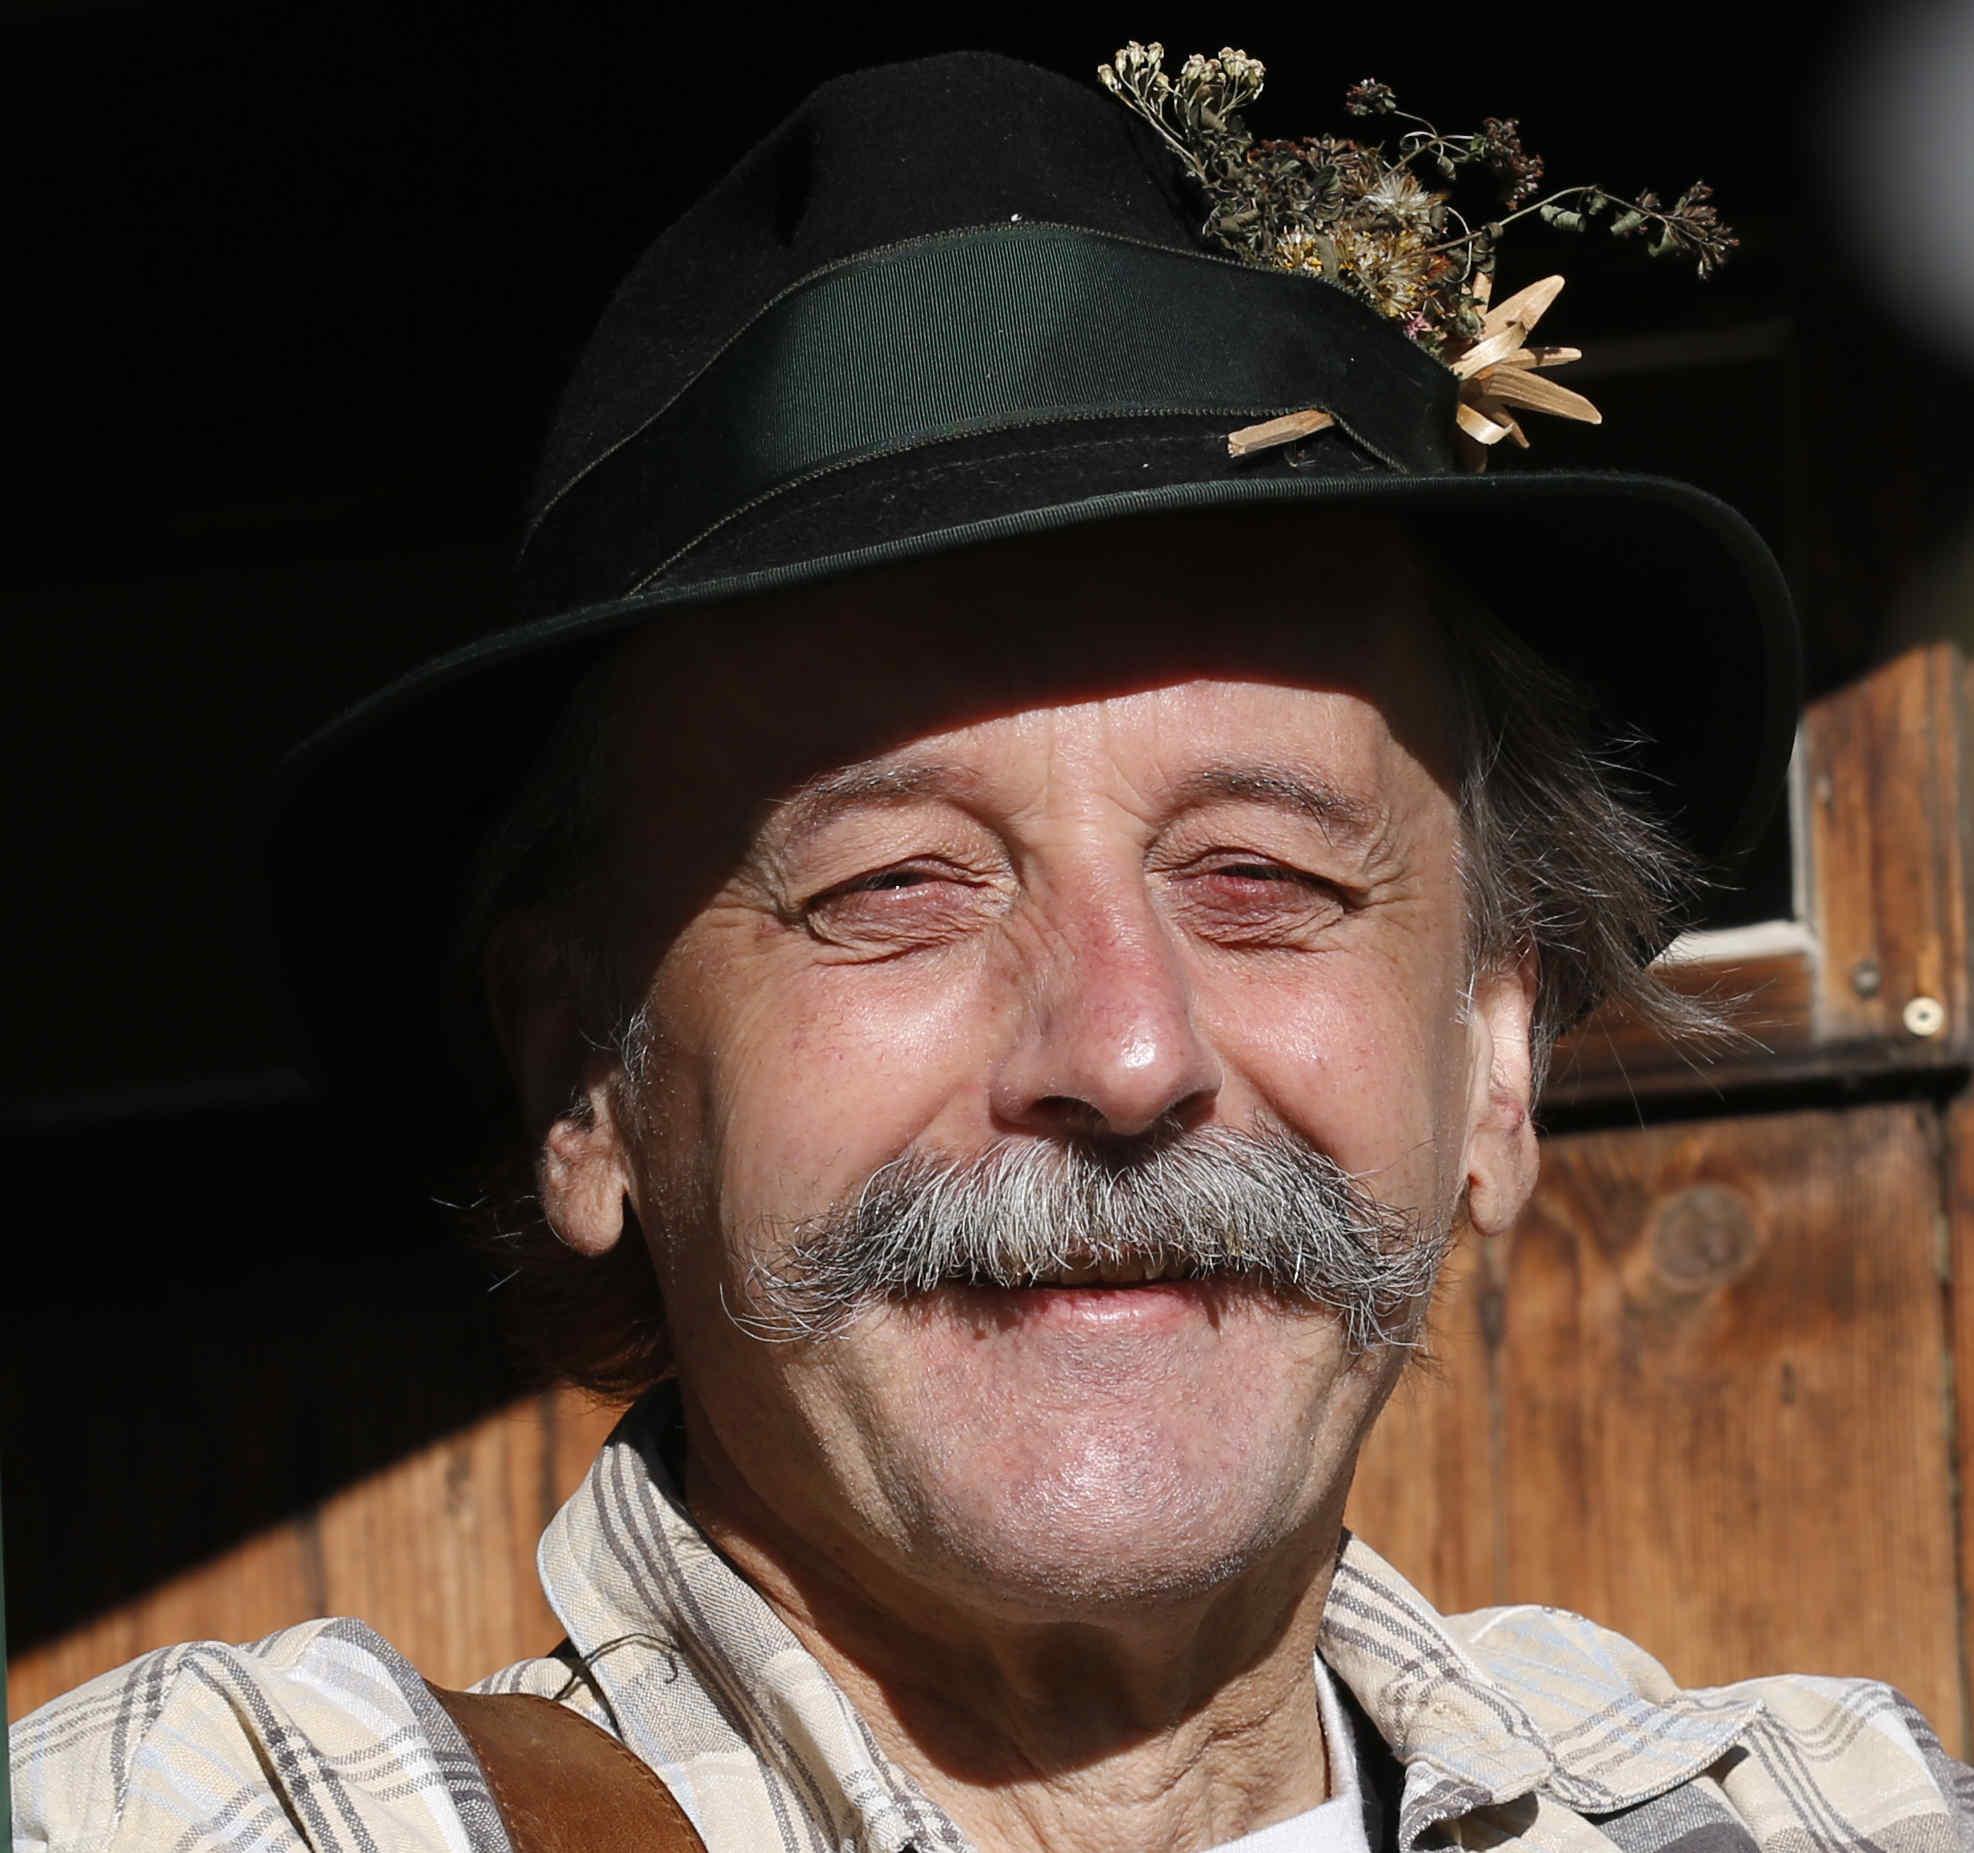 Helmut Wittmann Märchenerzähler Portrait